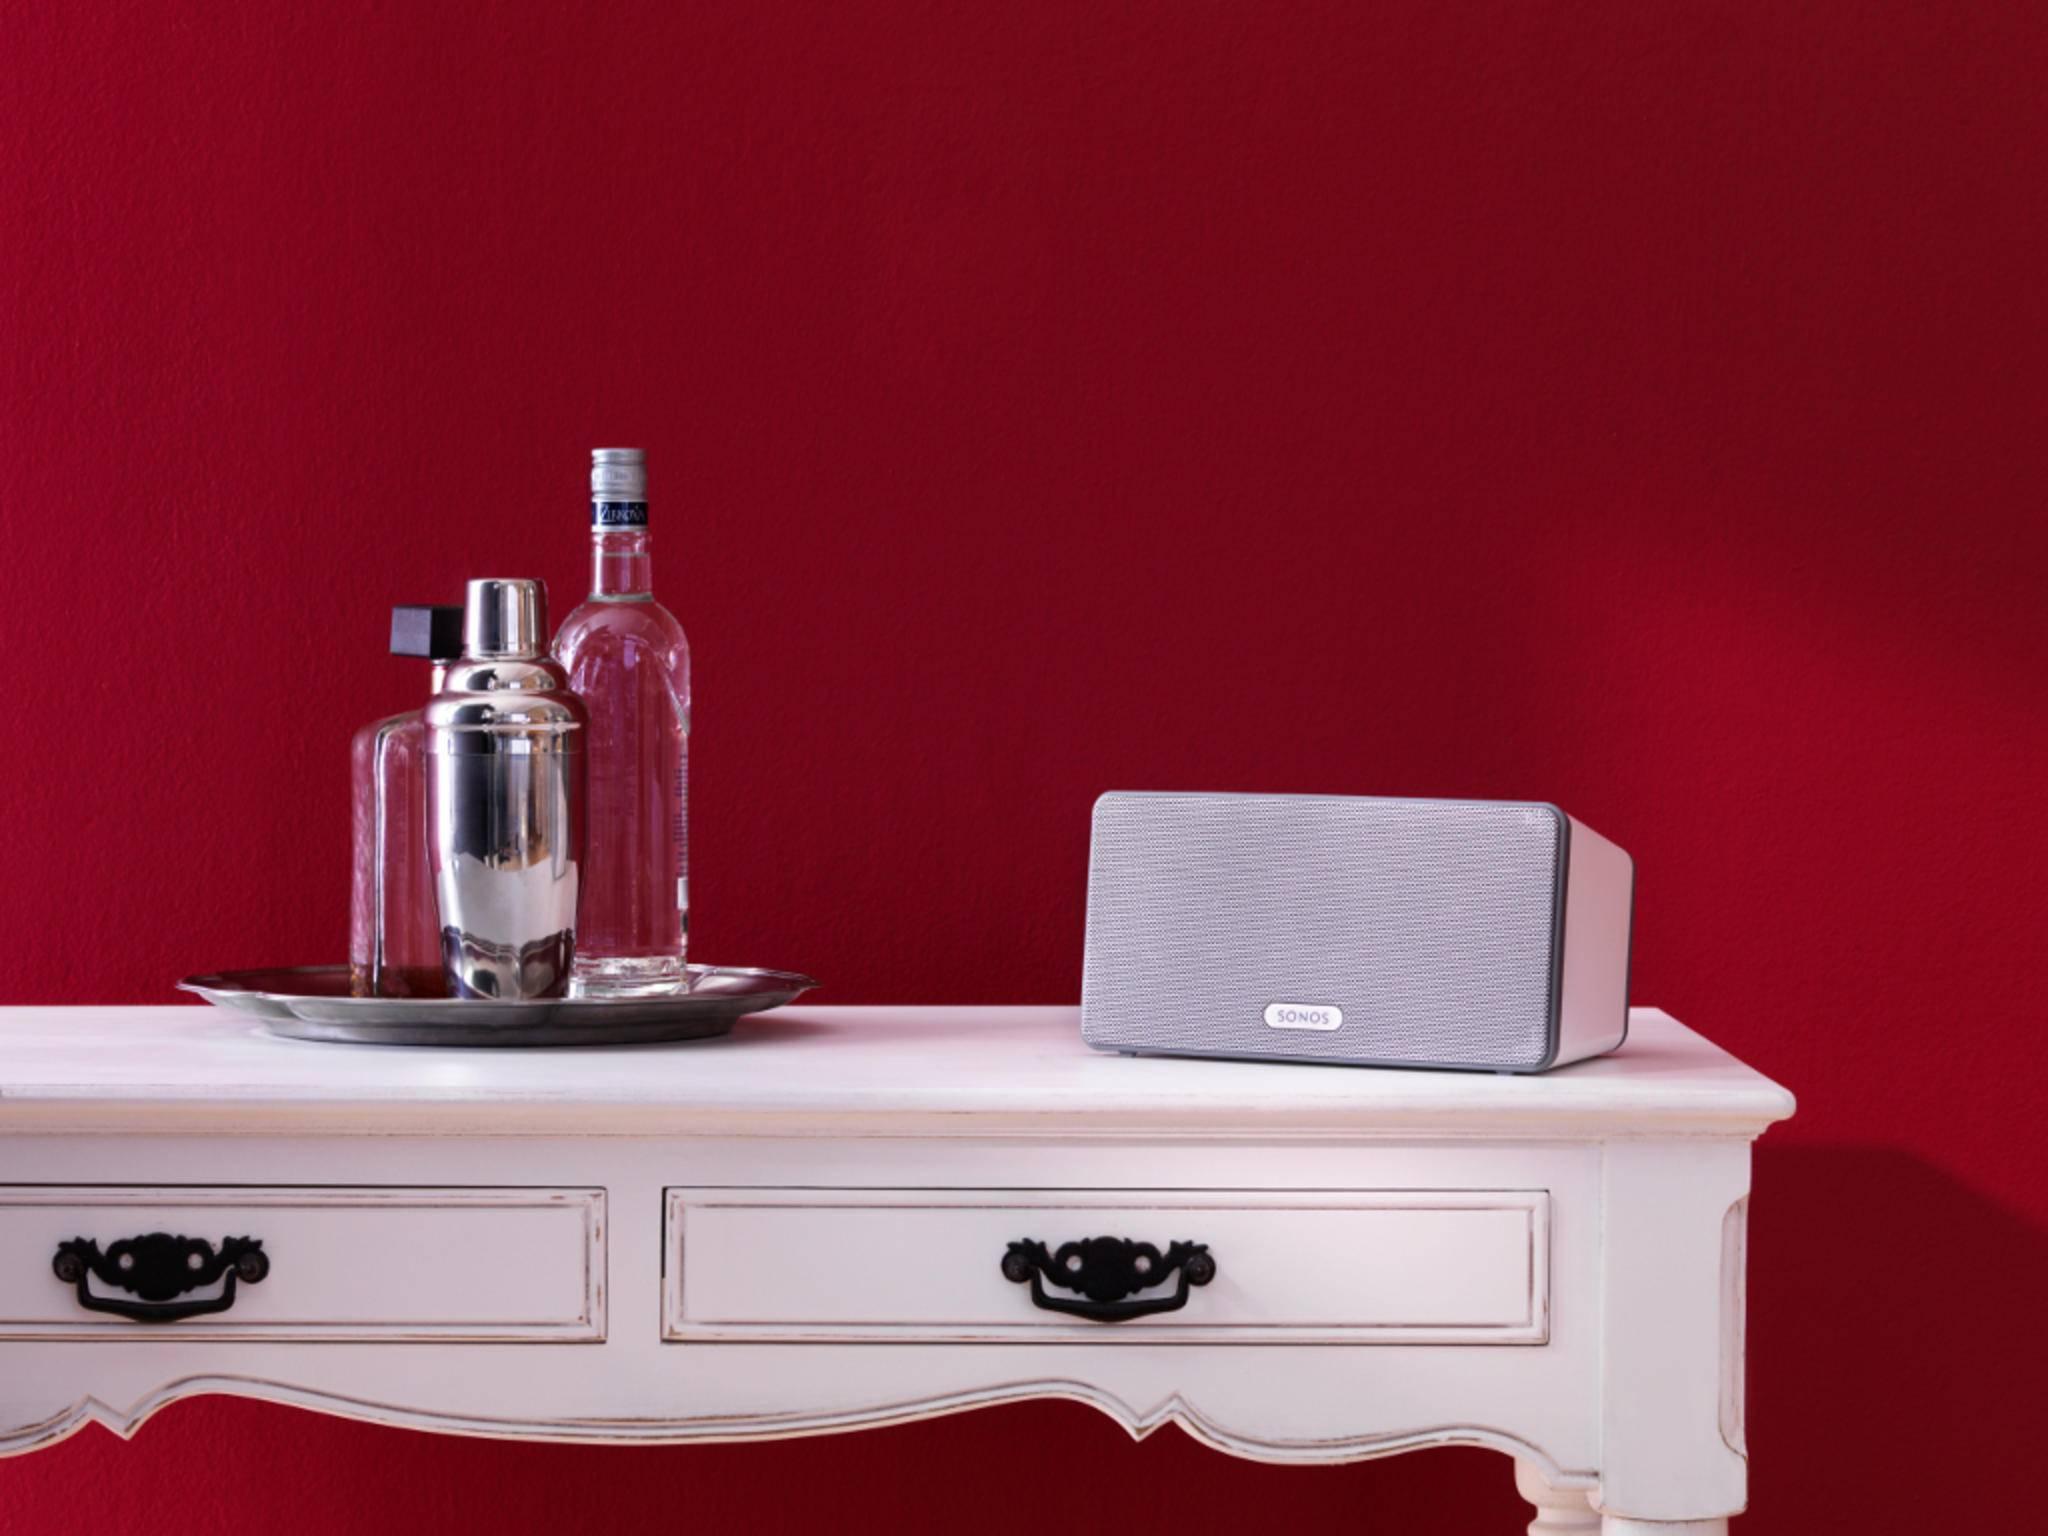 Sonos-Lautsprecher sind auch mit iTunes-Playlisten kompatibel.